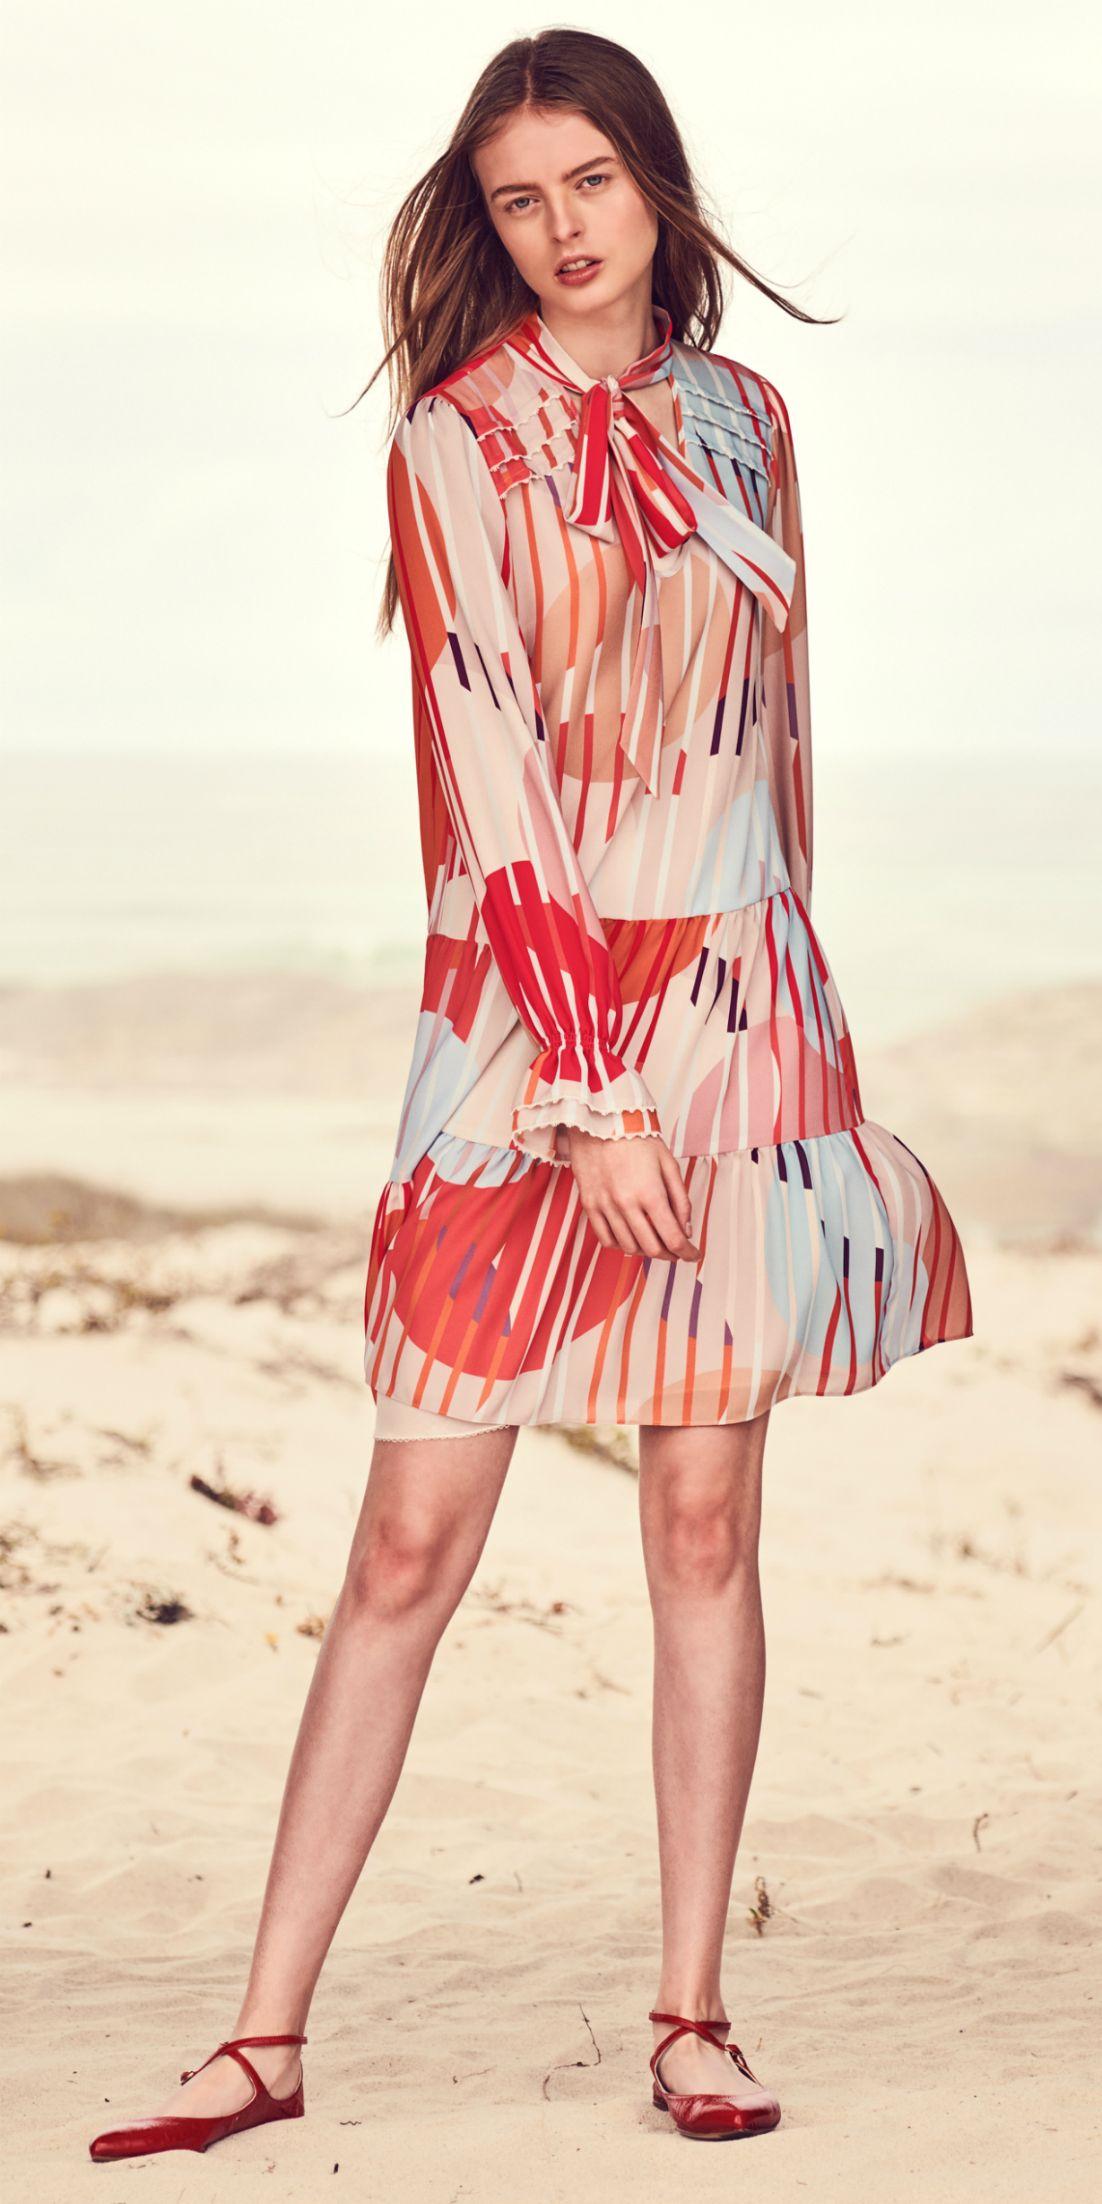 summer dresses | sommerkleid, kleider kaufen, modestil